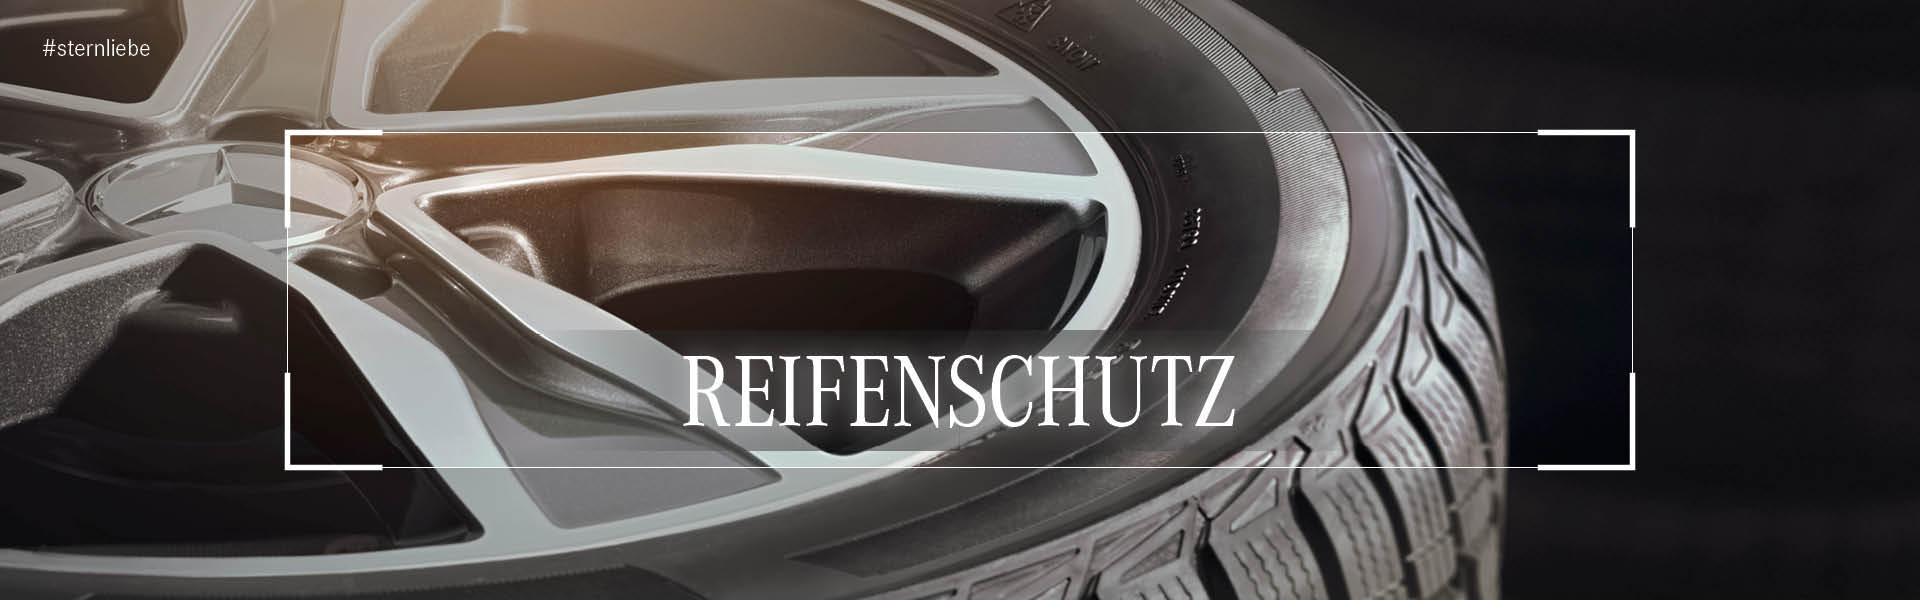 Mercedes-Benz-Mercedes-Brinkmann-Reifenservice-Reifeneinlagerung-Reifenschutz-Header